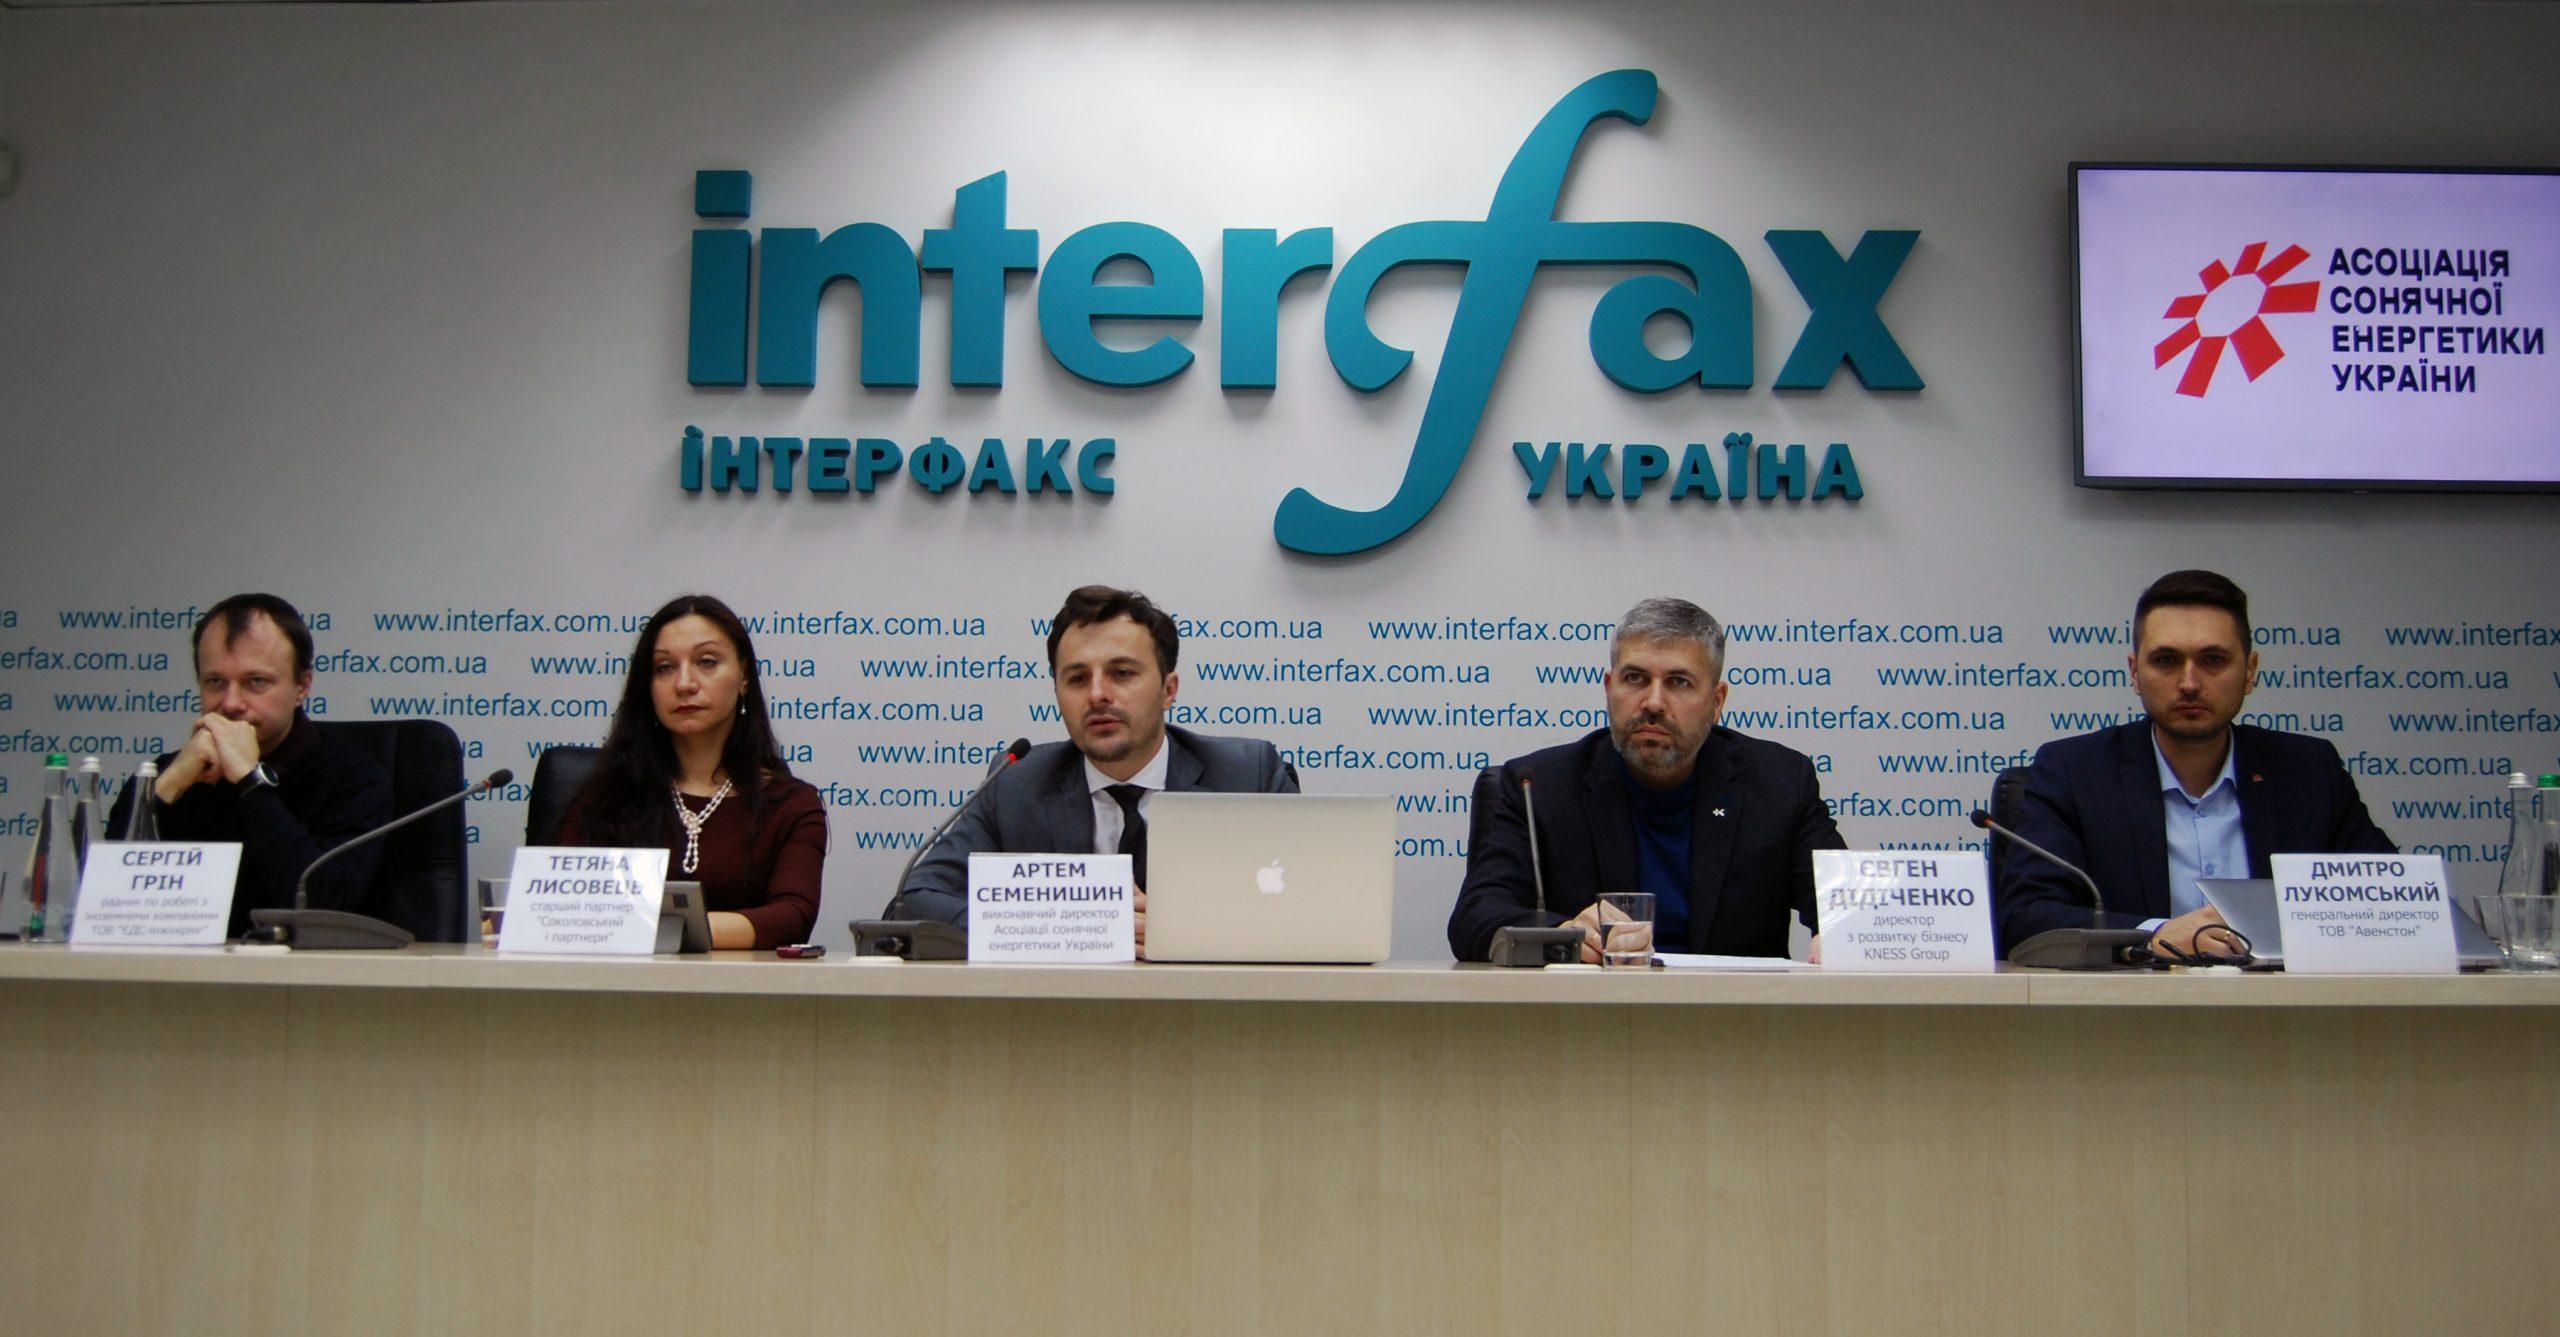 Представники Асоціації сонячної енергетики України